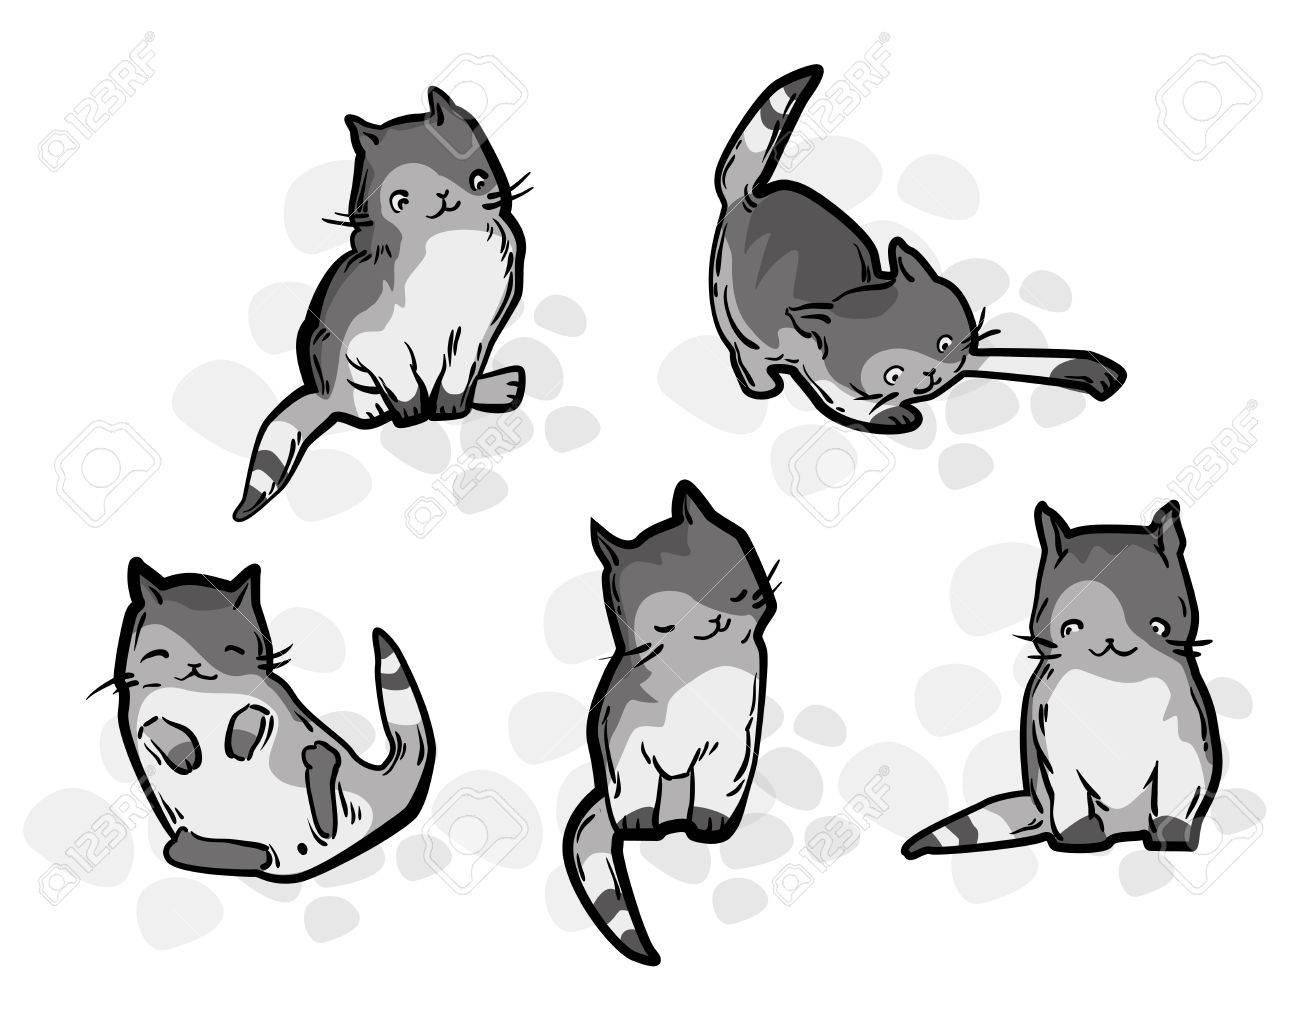 Cute Cat Dans Le Style Drole De Bande Dessinee